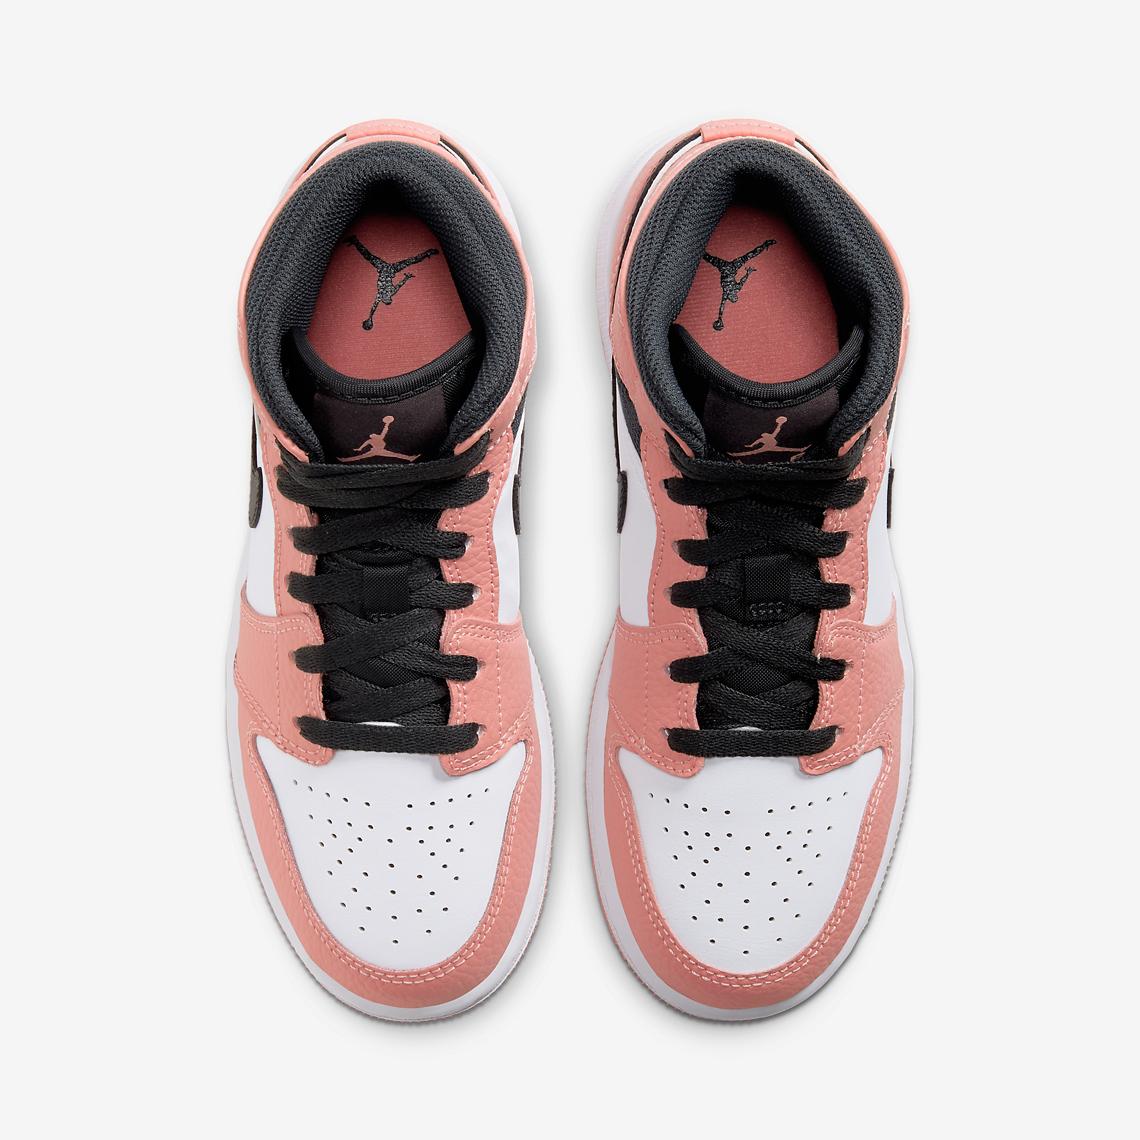 Air Jordan 1 Mid GS Pink Quartz 555112-603 - Crumpe